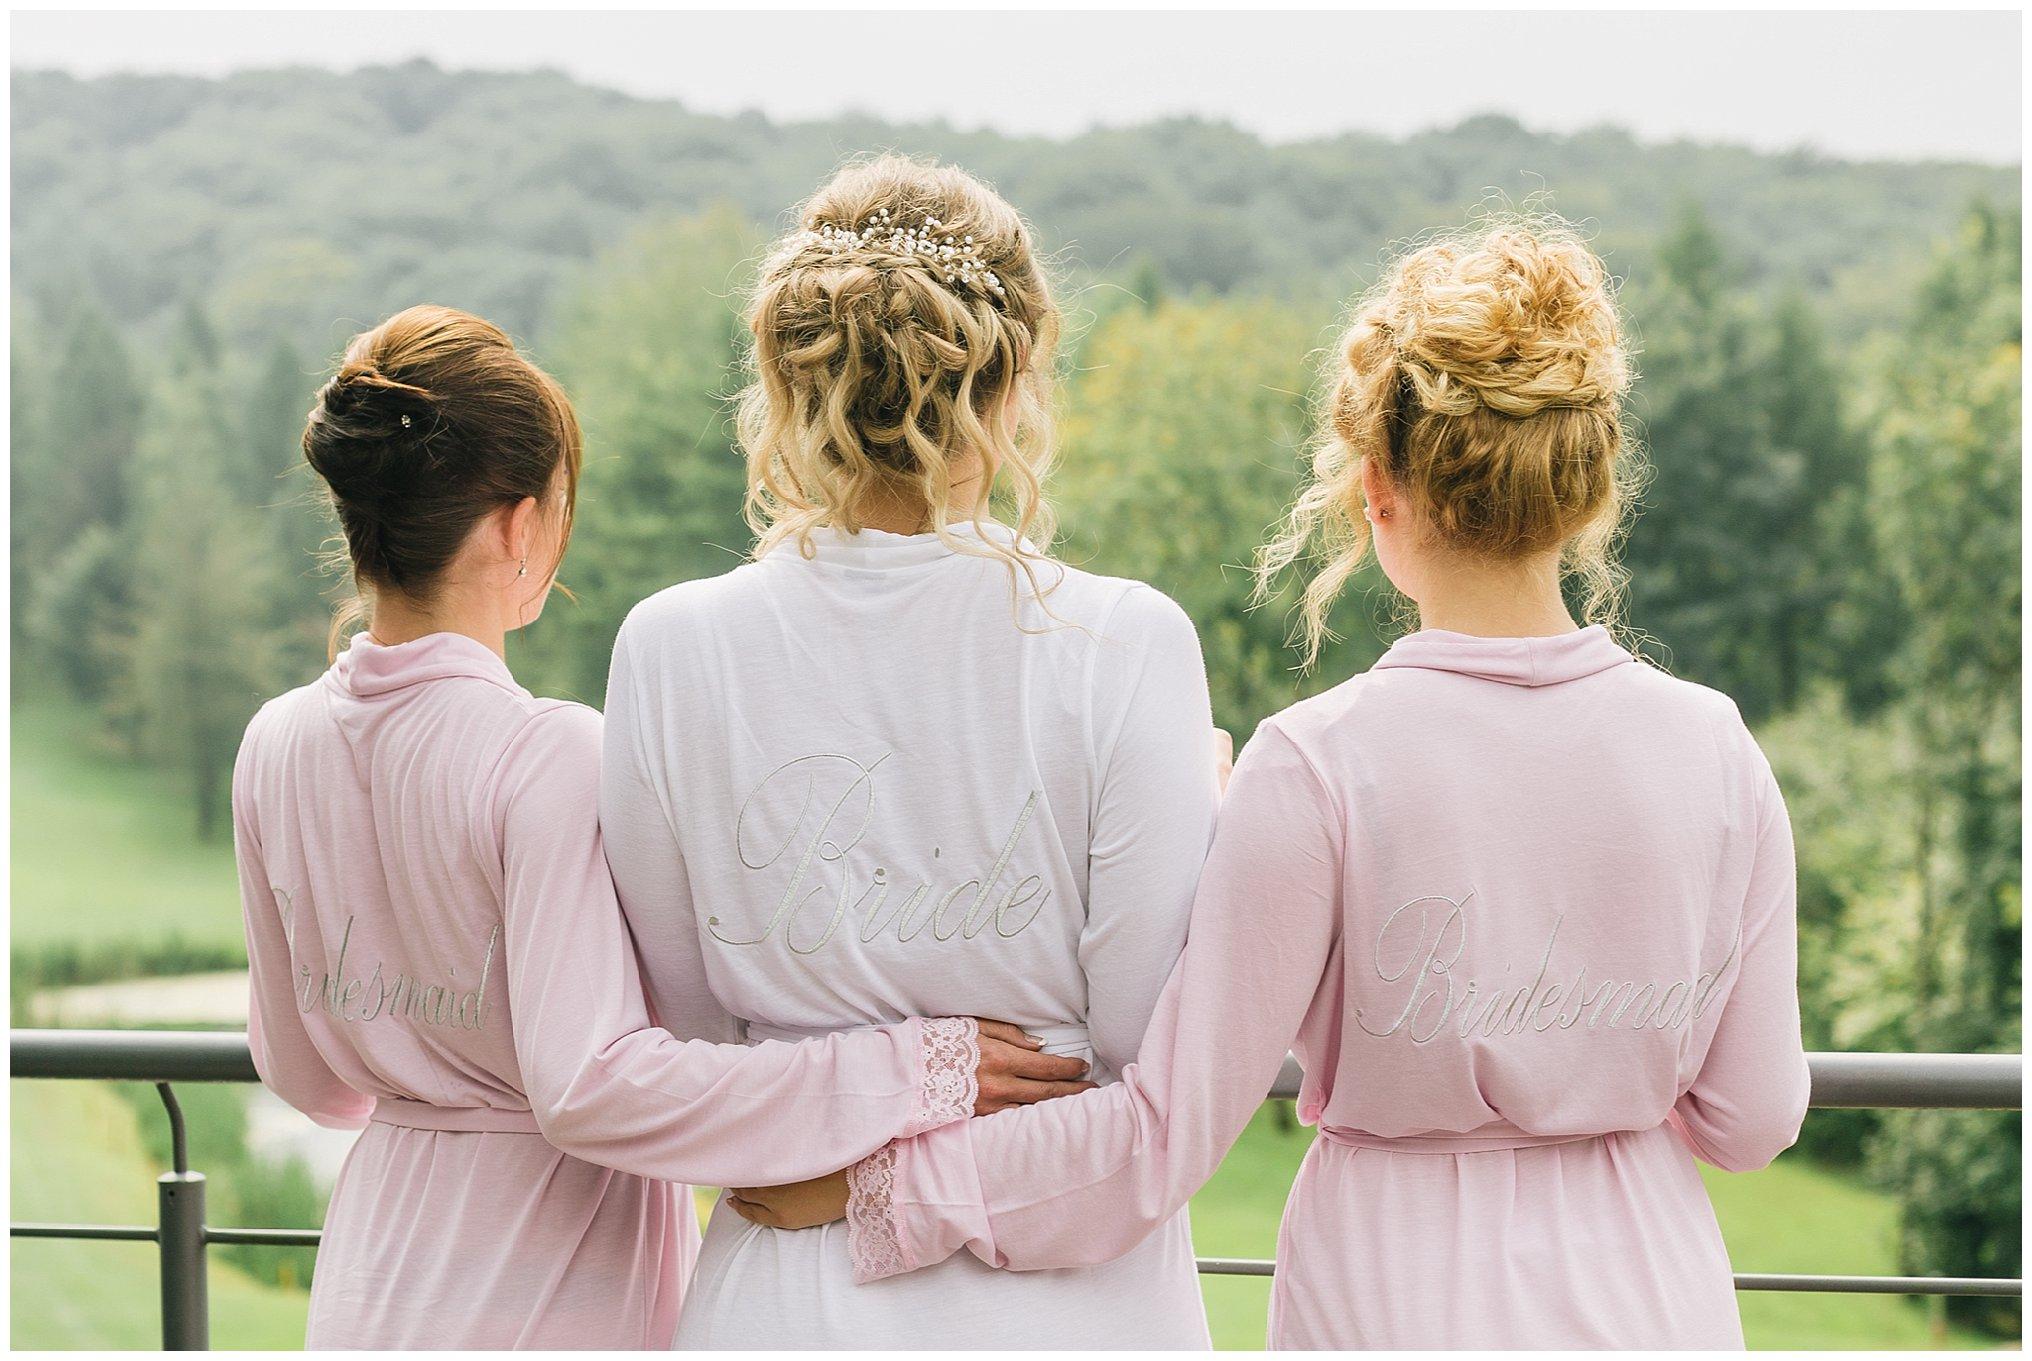 braut und Brautjungfern Golfhotel Vesper Hochzeit Sprockhövel Hochzeitsfotograf Jane Weber boho chic vintage fine art